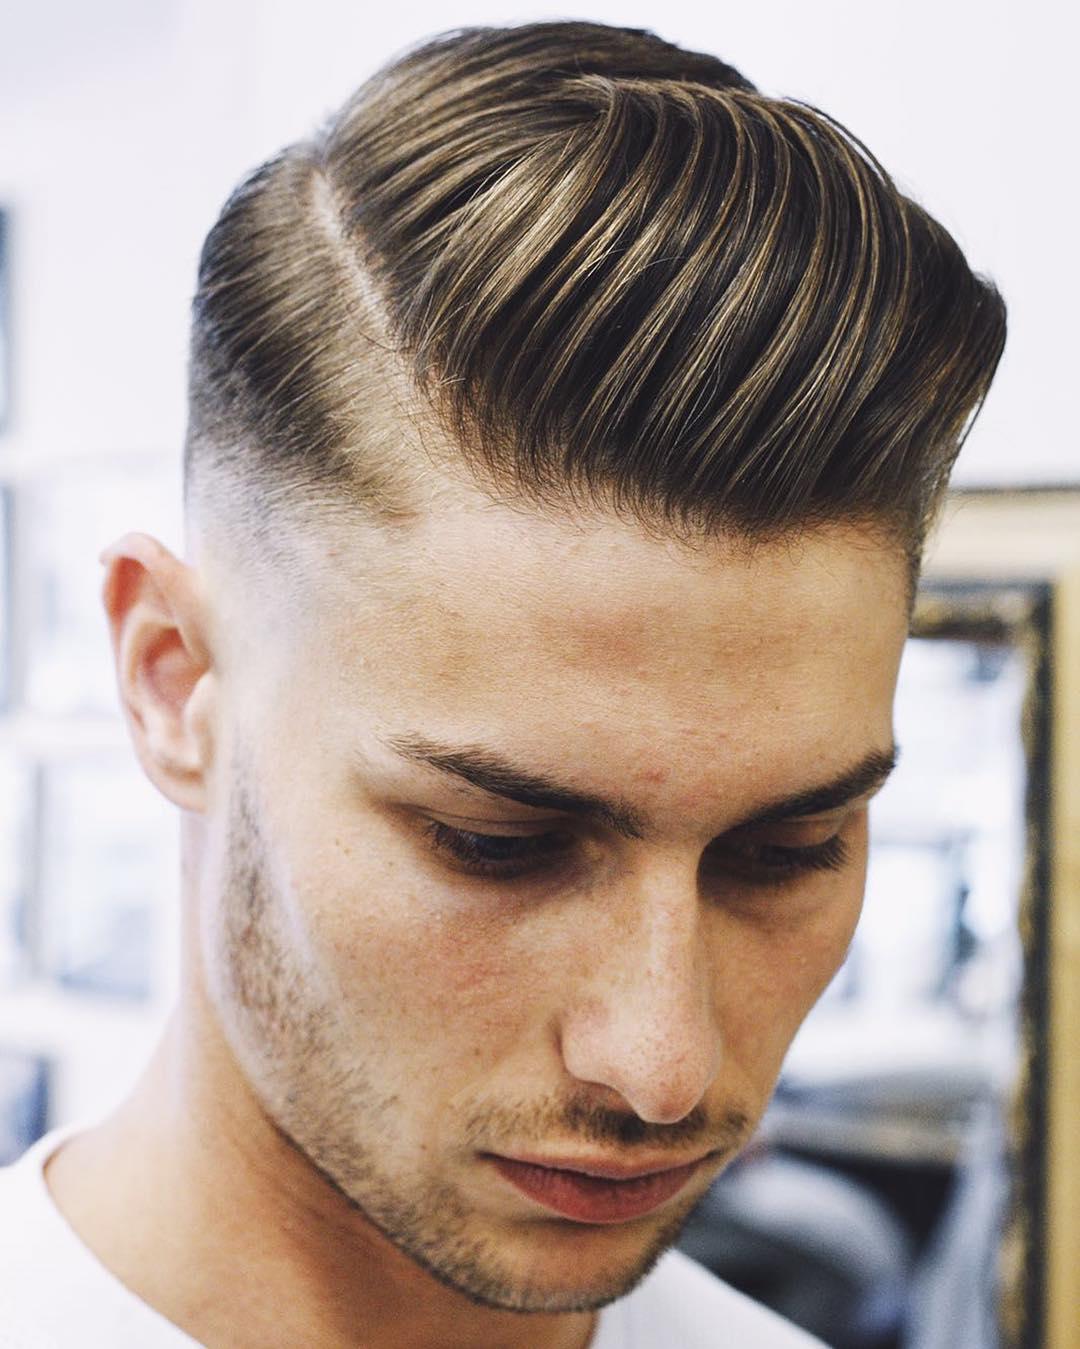 100 coupes de cheveux les plus populaires pour les hommes pour 2020 5f3f75f763e30 - 100+ coupes de cheveux les plus populaires pour les hommes pour 2020